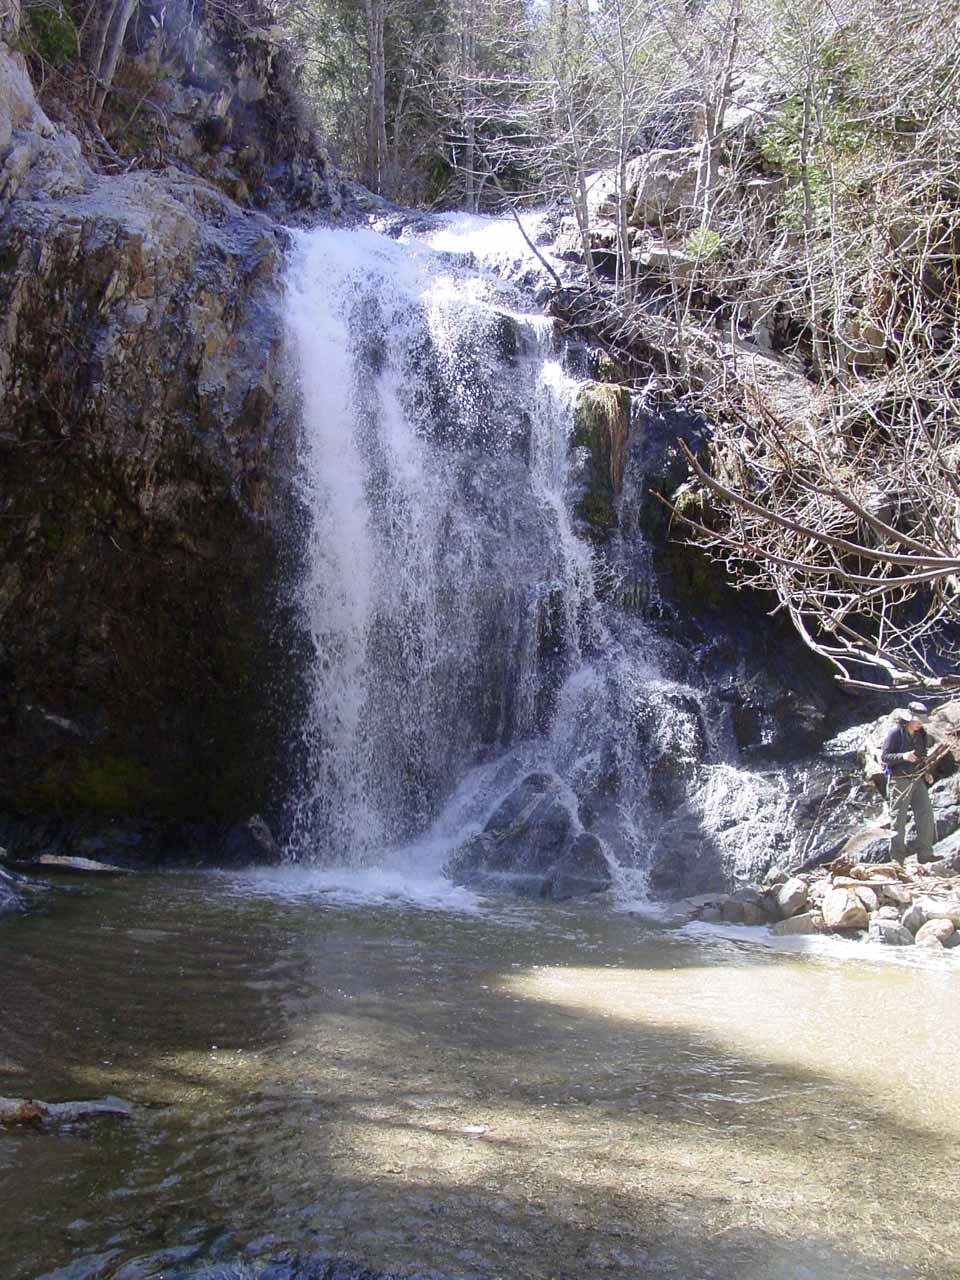 Finally at the base of Cooper Canyon Falls